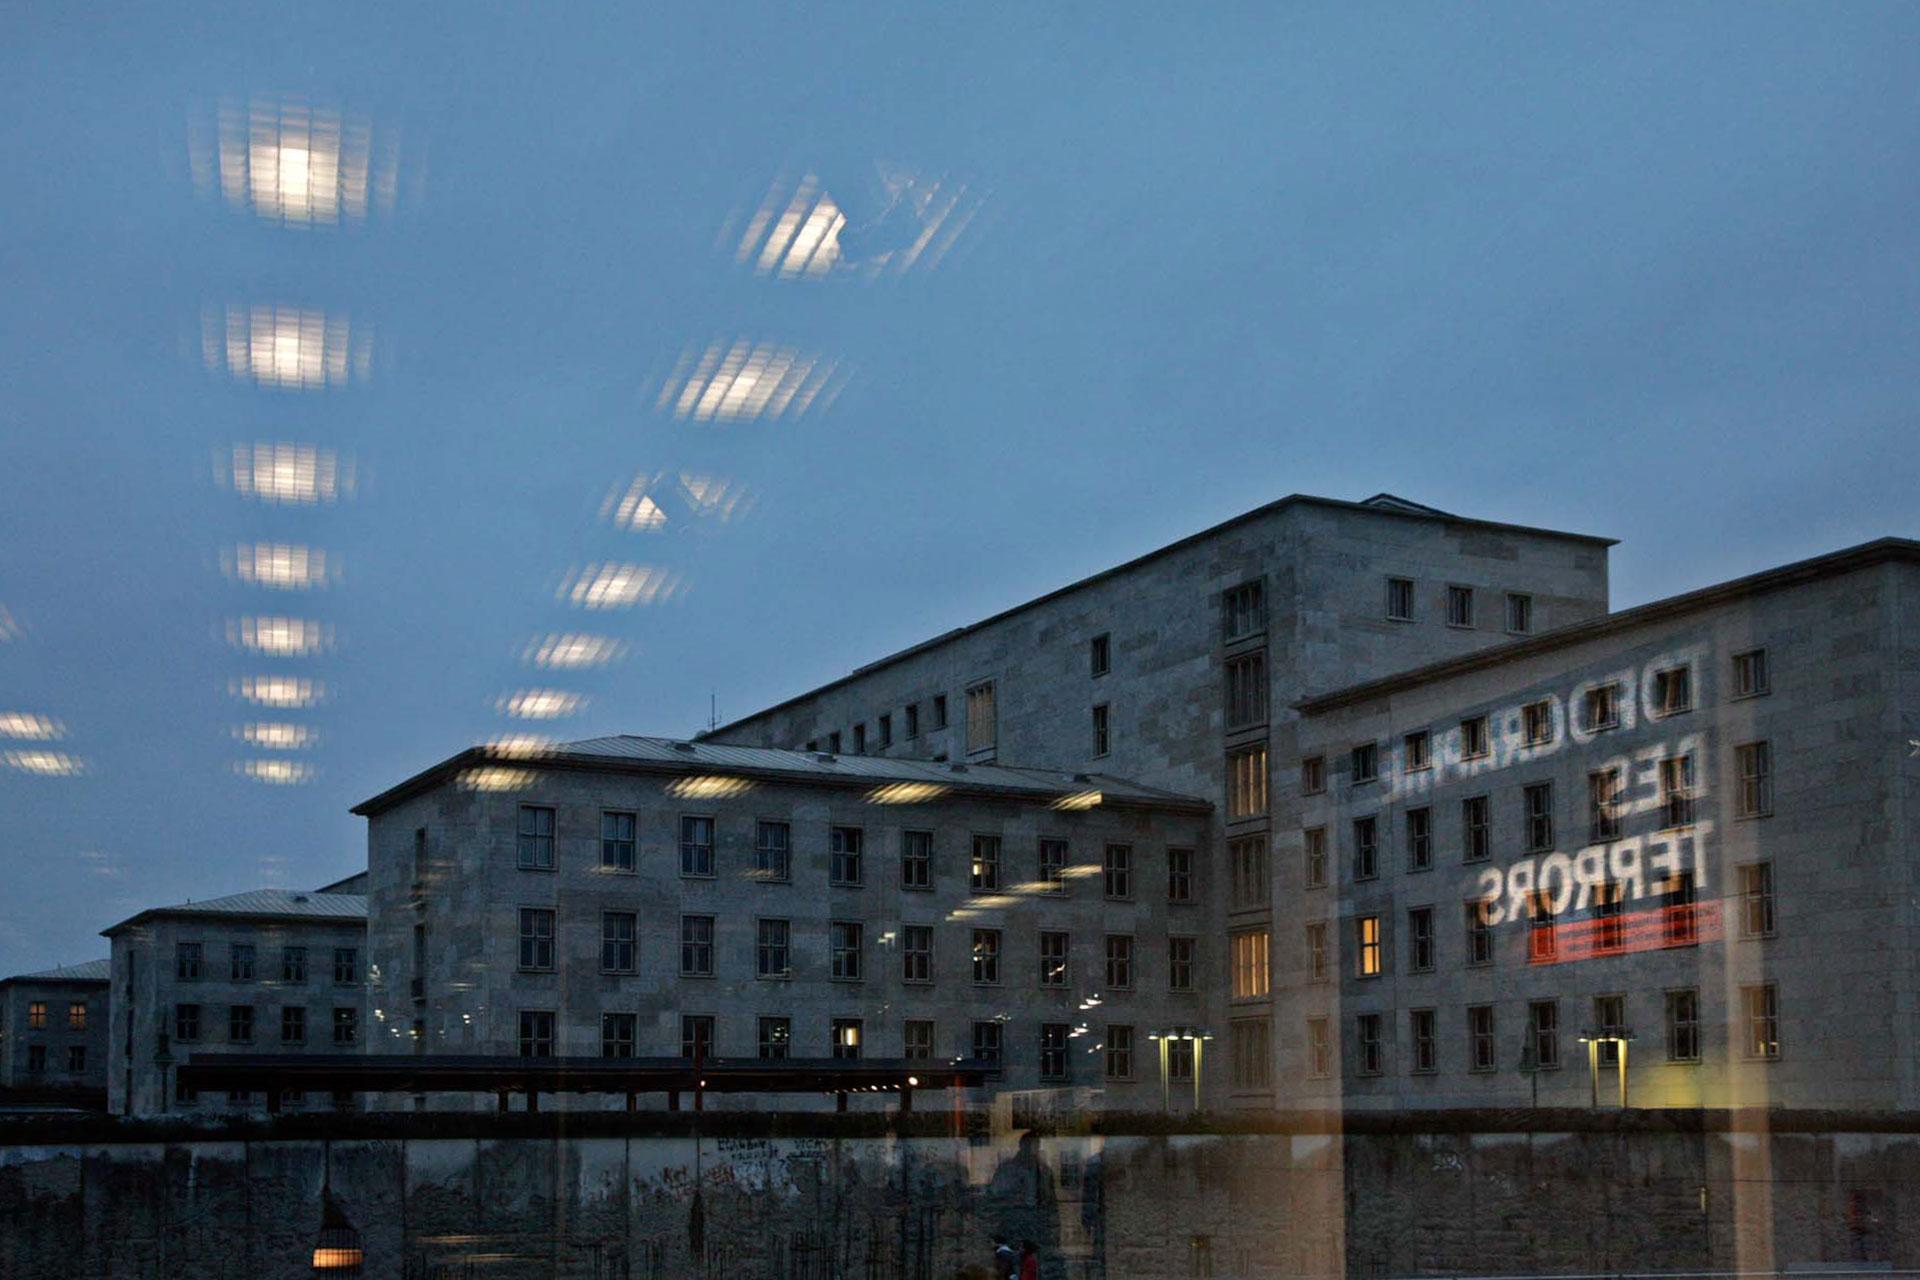 """""""Das Gelände der Topographie des Terrors ist ein authentischer Ort, ein Ort der Täter. Hier befanden sich von 1933 bis 1945 die wichtigsten Einrichtungen des nationalsozialistischen Verfolgungs- und Terrorapparates. Die Zentrale der Geheimen Staatspolizei war in der Prinz-Albrecht-Straße 8 untergebracht, ab 1939 auch das Reichssicherheitshauptamt. Während das benachbarte Hotel Prinz Albrecht als Sitz der Reichsführung SS diente, zog der Sicherheitsdienst der SS in das Prinz-Albrecht-Palais in der Wilhelmstraße 102. Damit war auf engem Raum das eigentliche Regierungsviertel des nationalsozialistischen SS- und Polizeistaates entstanden."""" [Prof. Dr. Andreas Nachama]"""